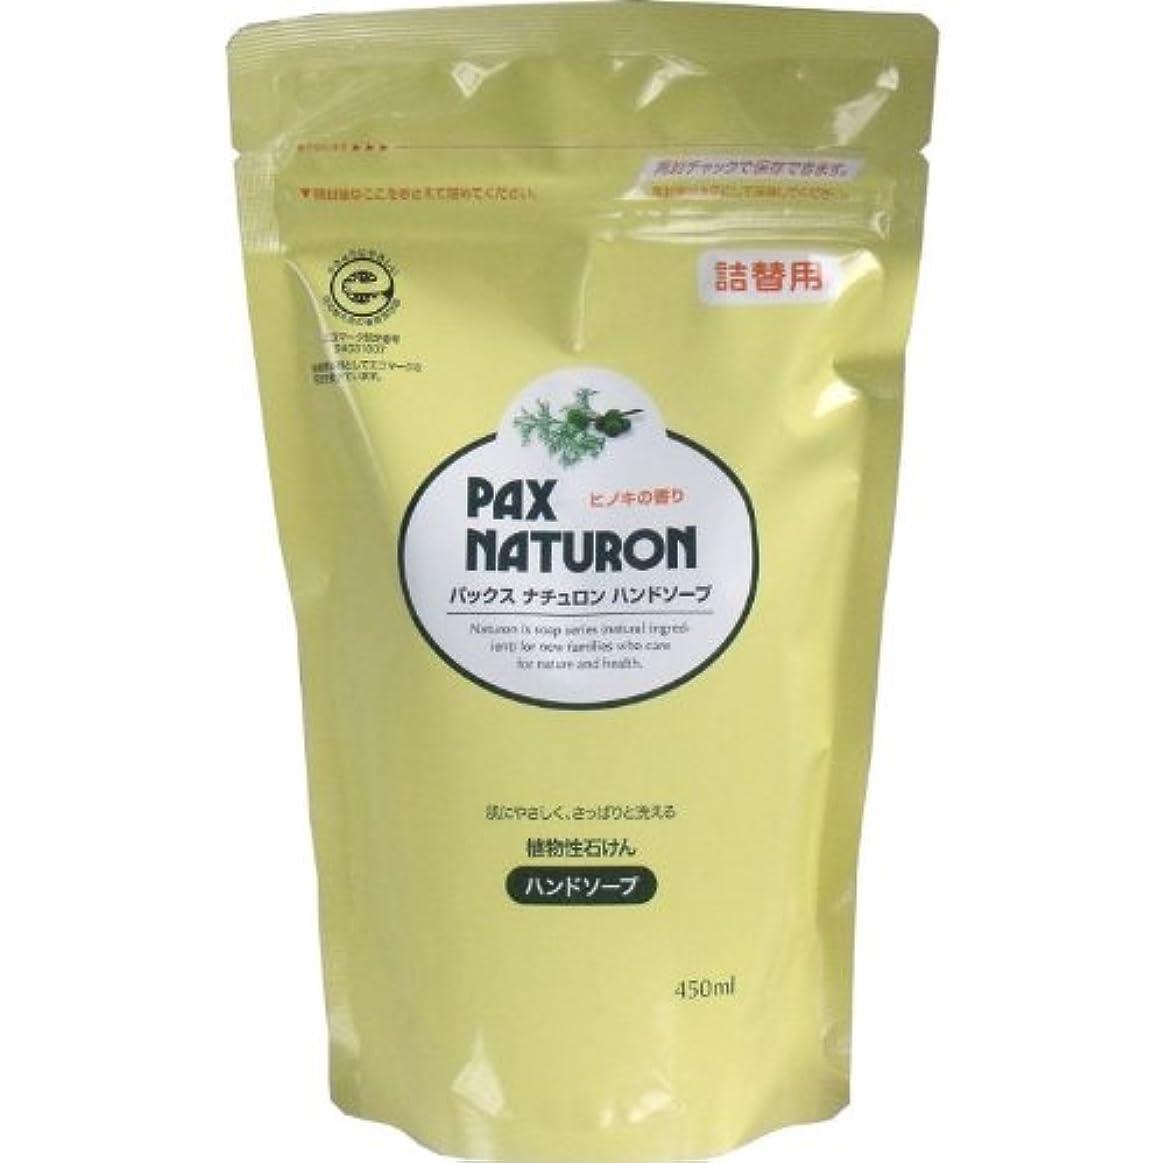 生む愚かな悪質な肌にやさしく、さっぱりと洗える植物性石けん!植物性ハンドソープ 詰替用 450mL